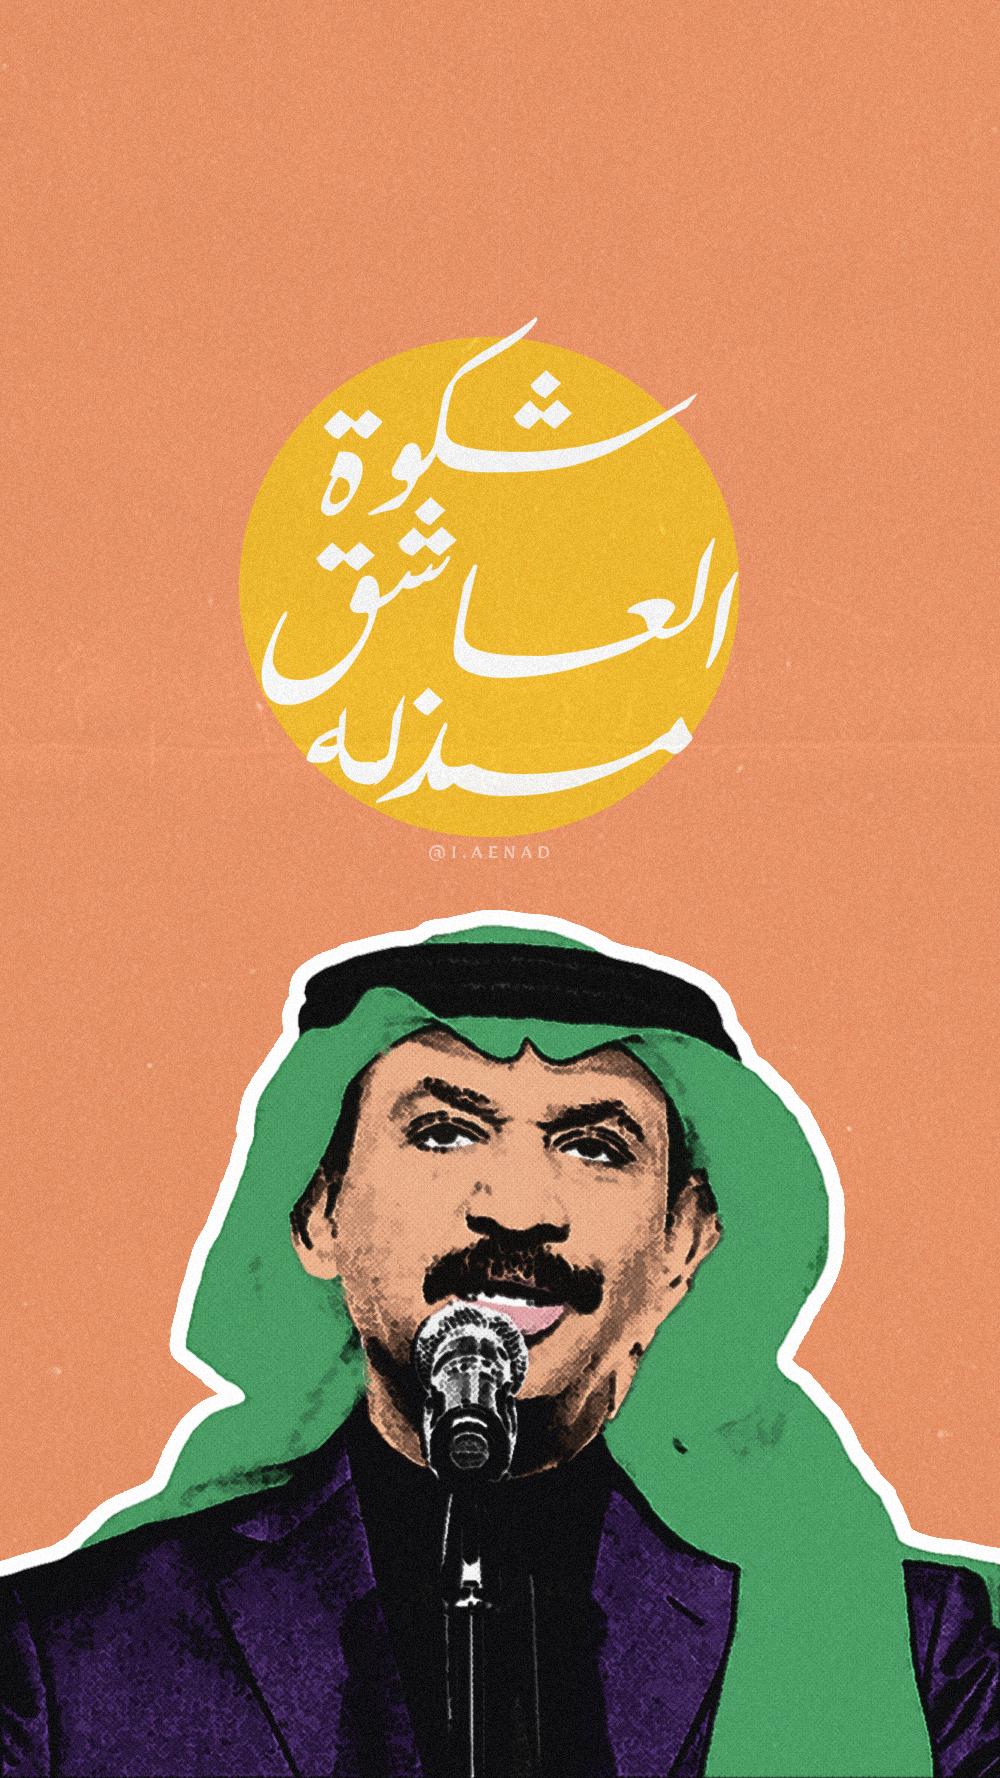 خلفية لـ عبادي الجوهر Instagram Inspiration Posts Cute Drawings Arabic Art